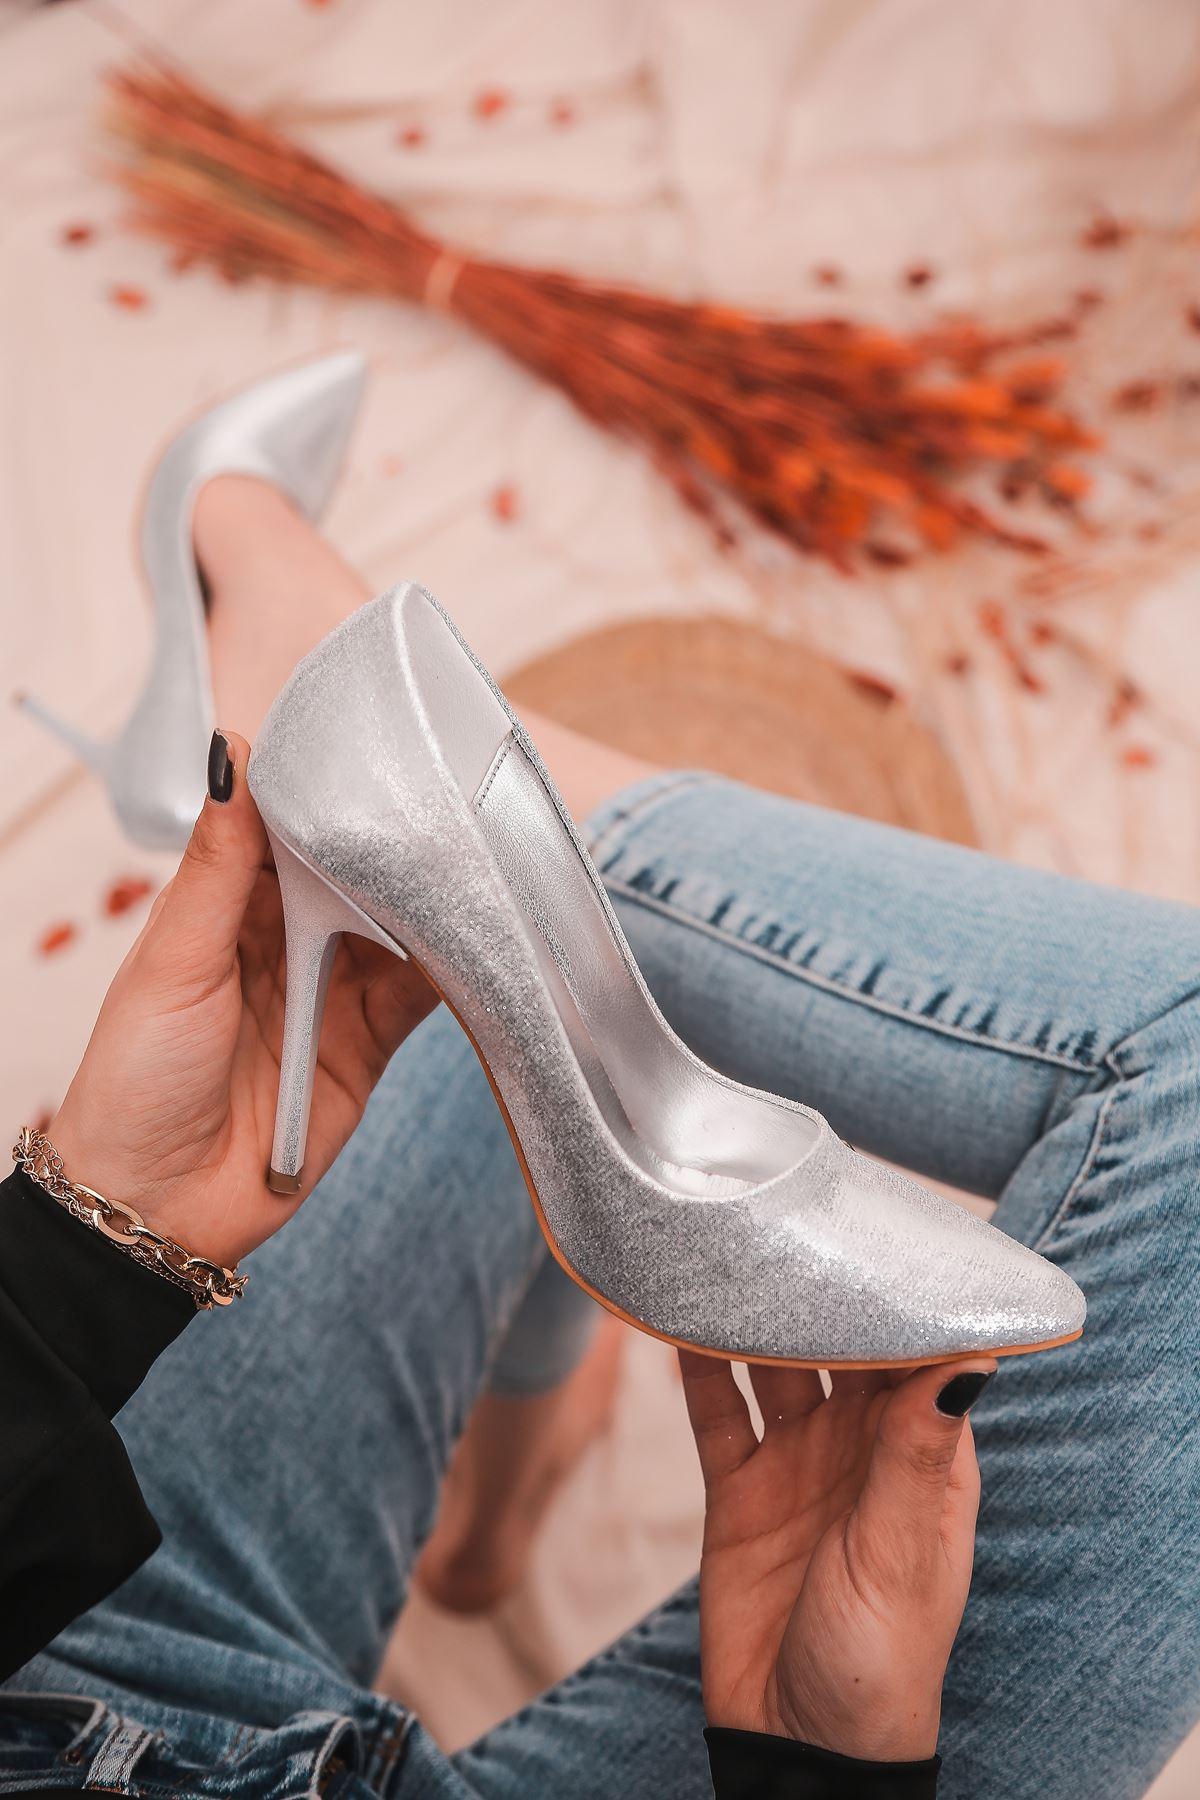 Ruha Yüksek Topuklu Gümüş Rugan Kadın Stiletto